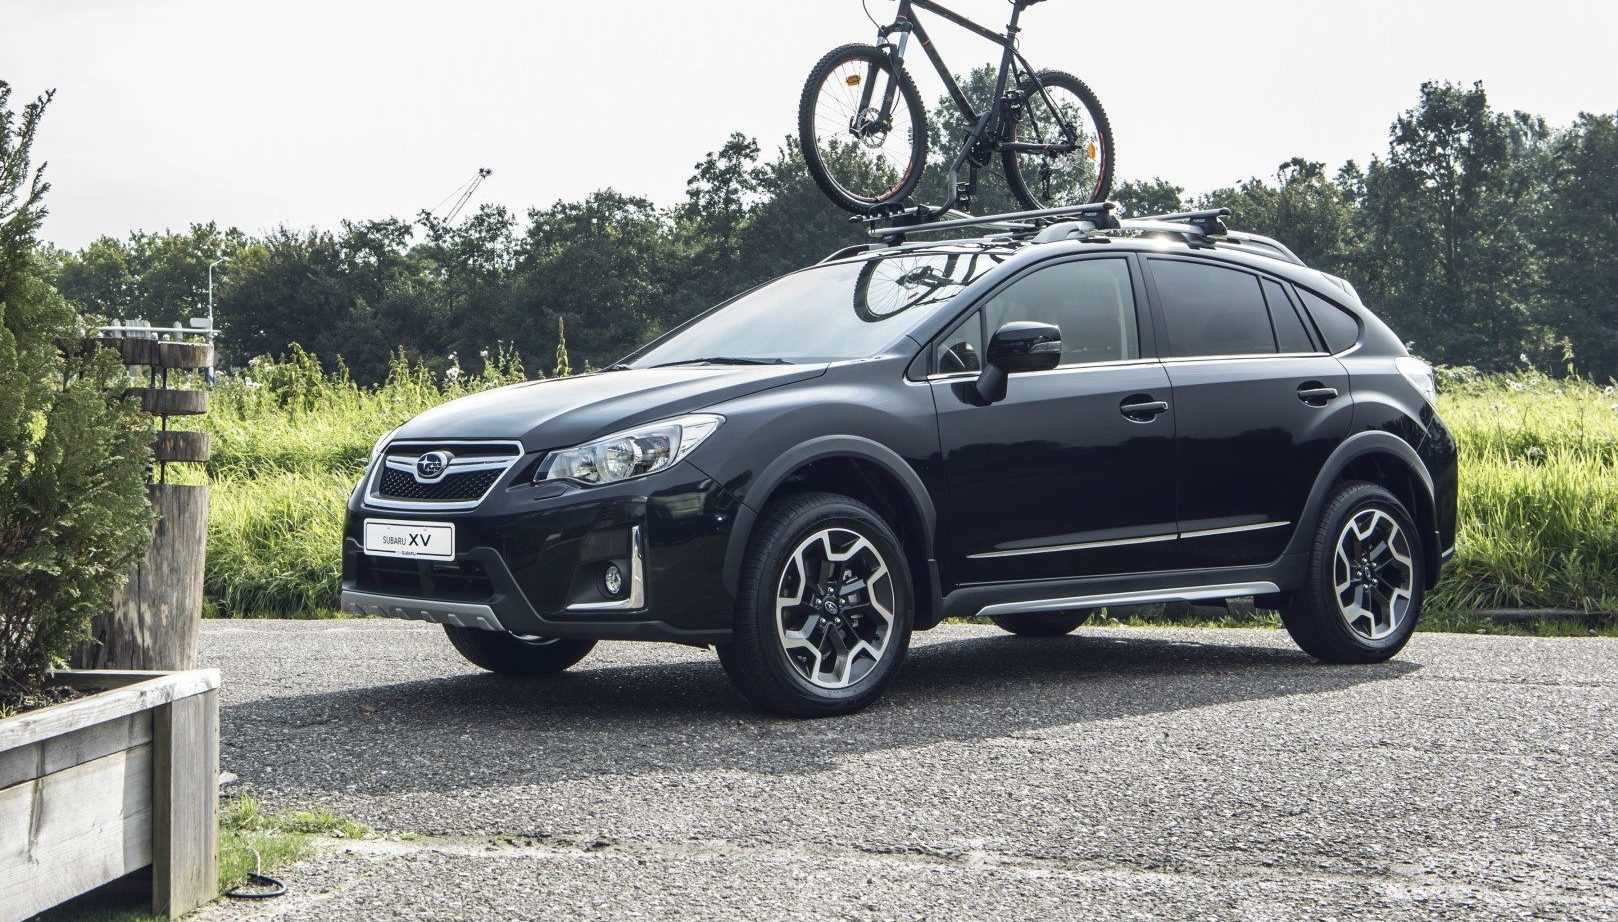 Subaru XV Outdoor Edition 2017